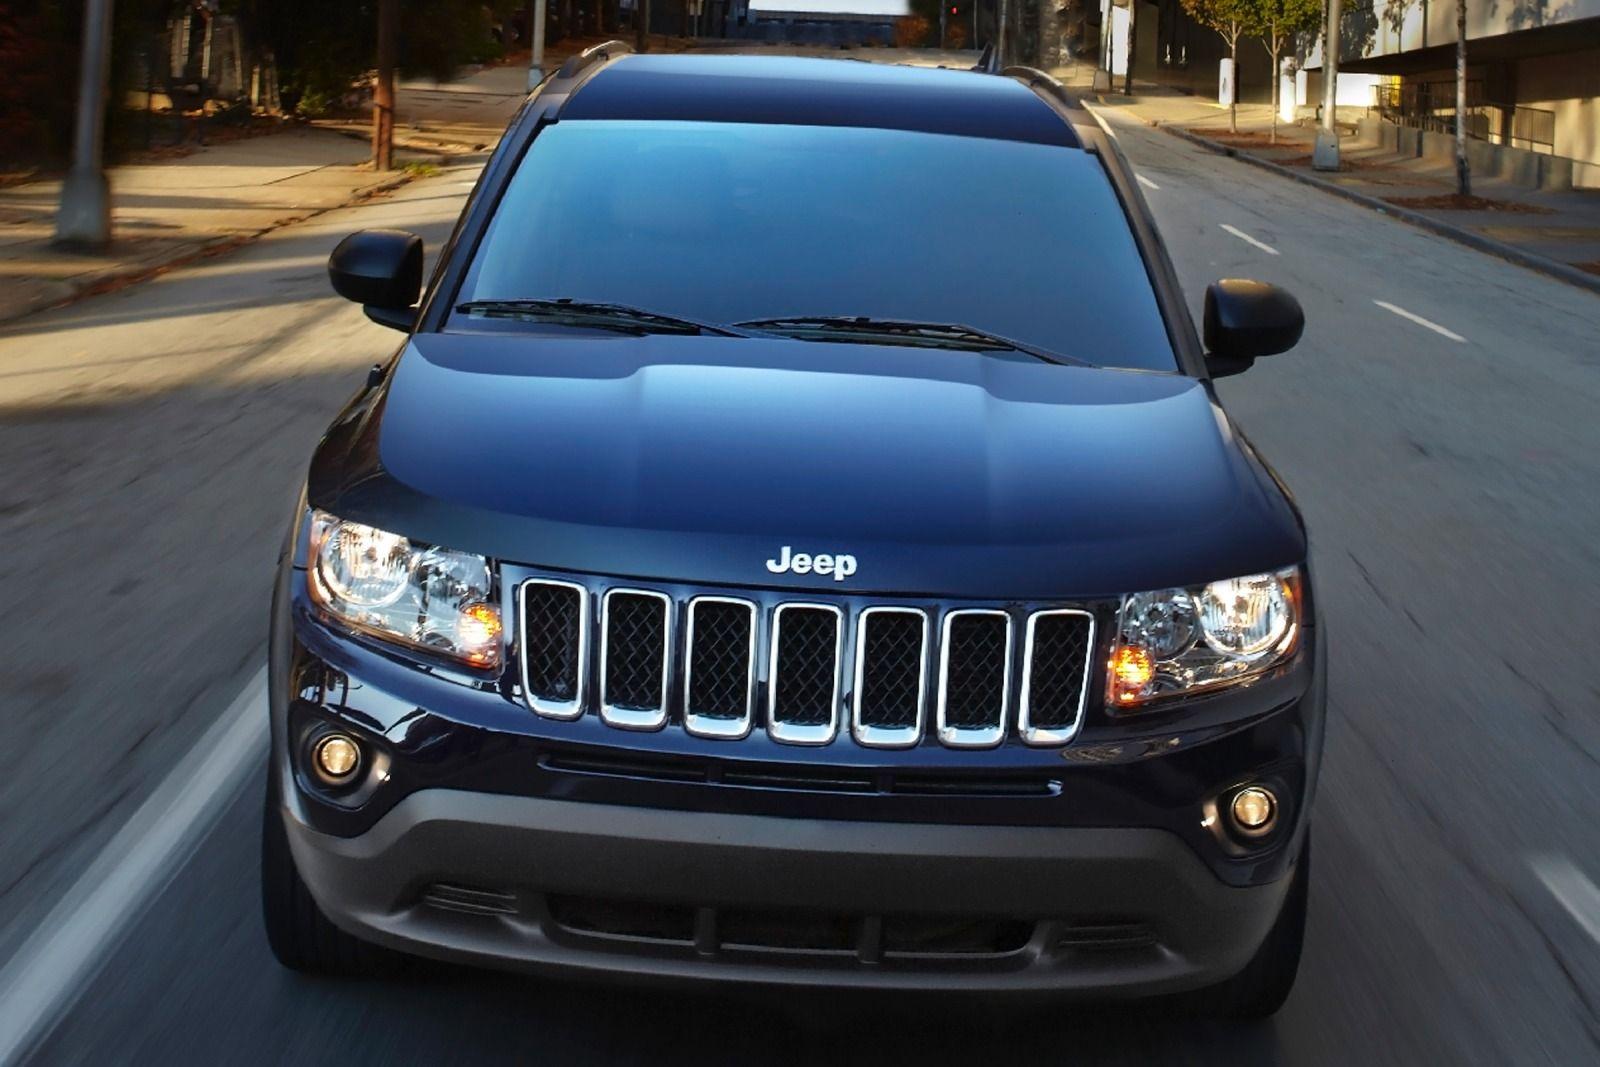 2015 jeep compass 30 cool hd wallpaper carwallpapersfordesktop org